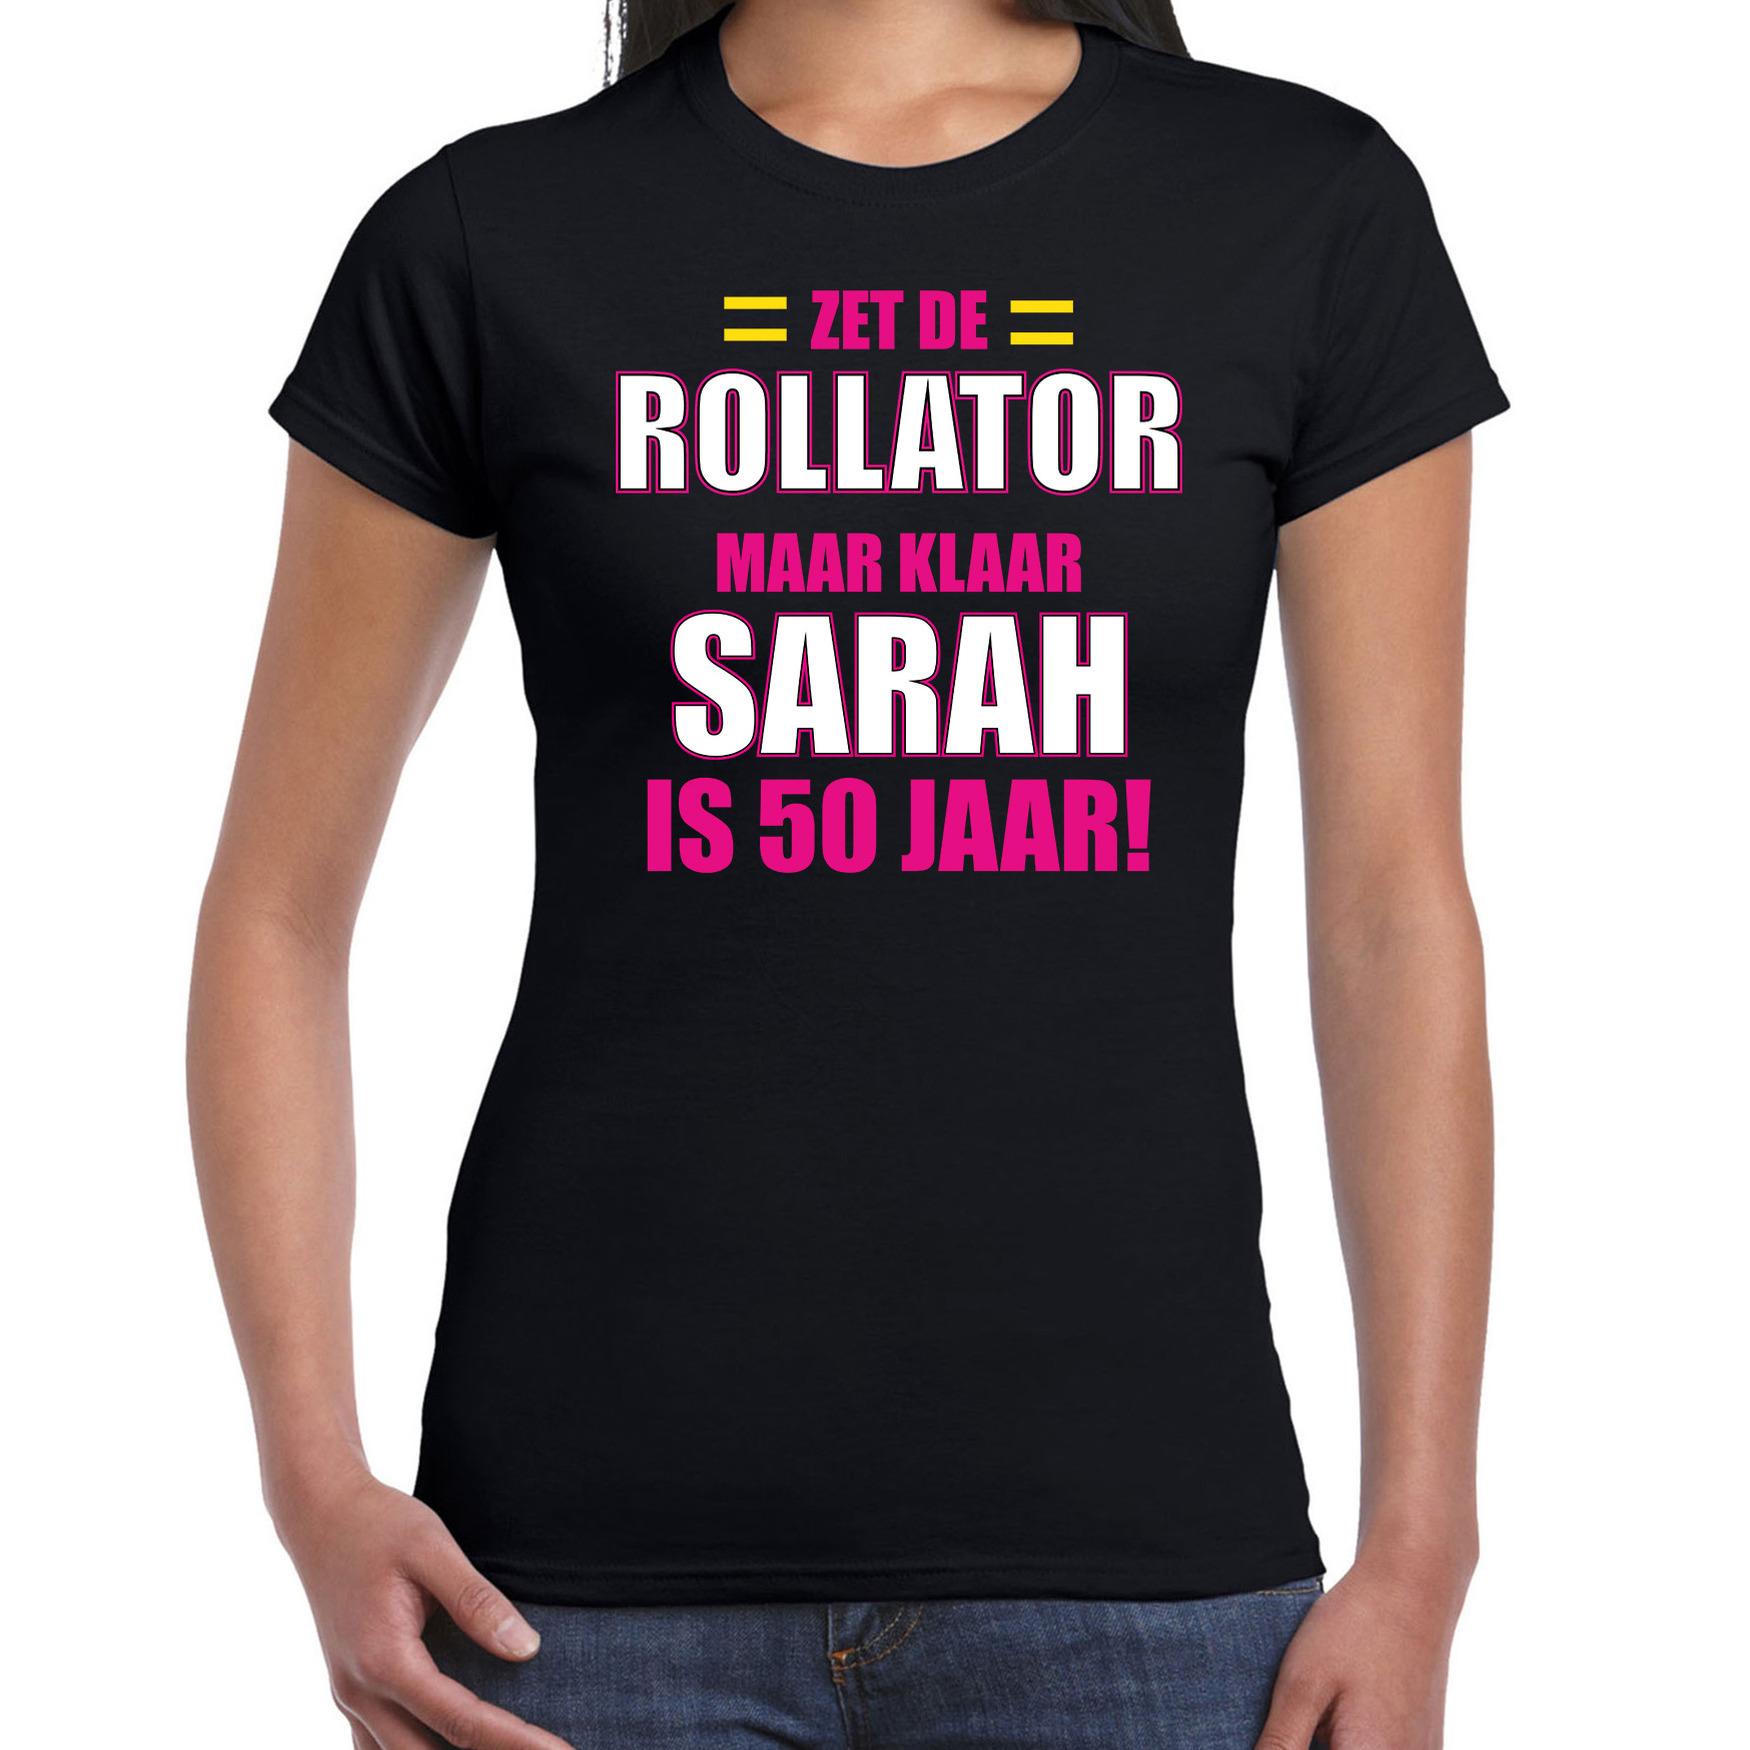 Verjaardag cadeau t-shirt rollator 50 jaar Sarah zwart voor dames M -